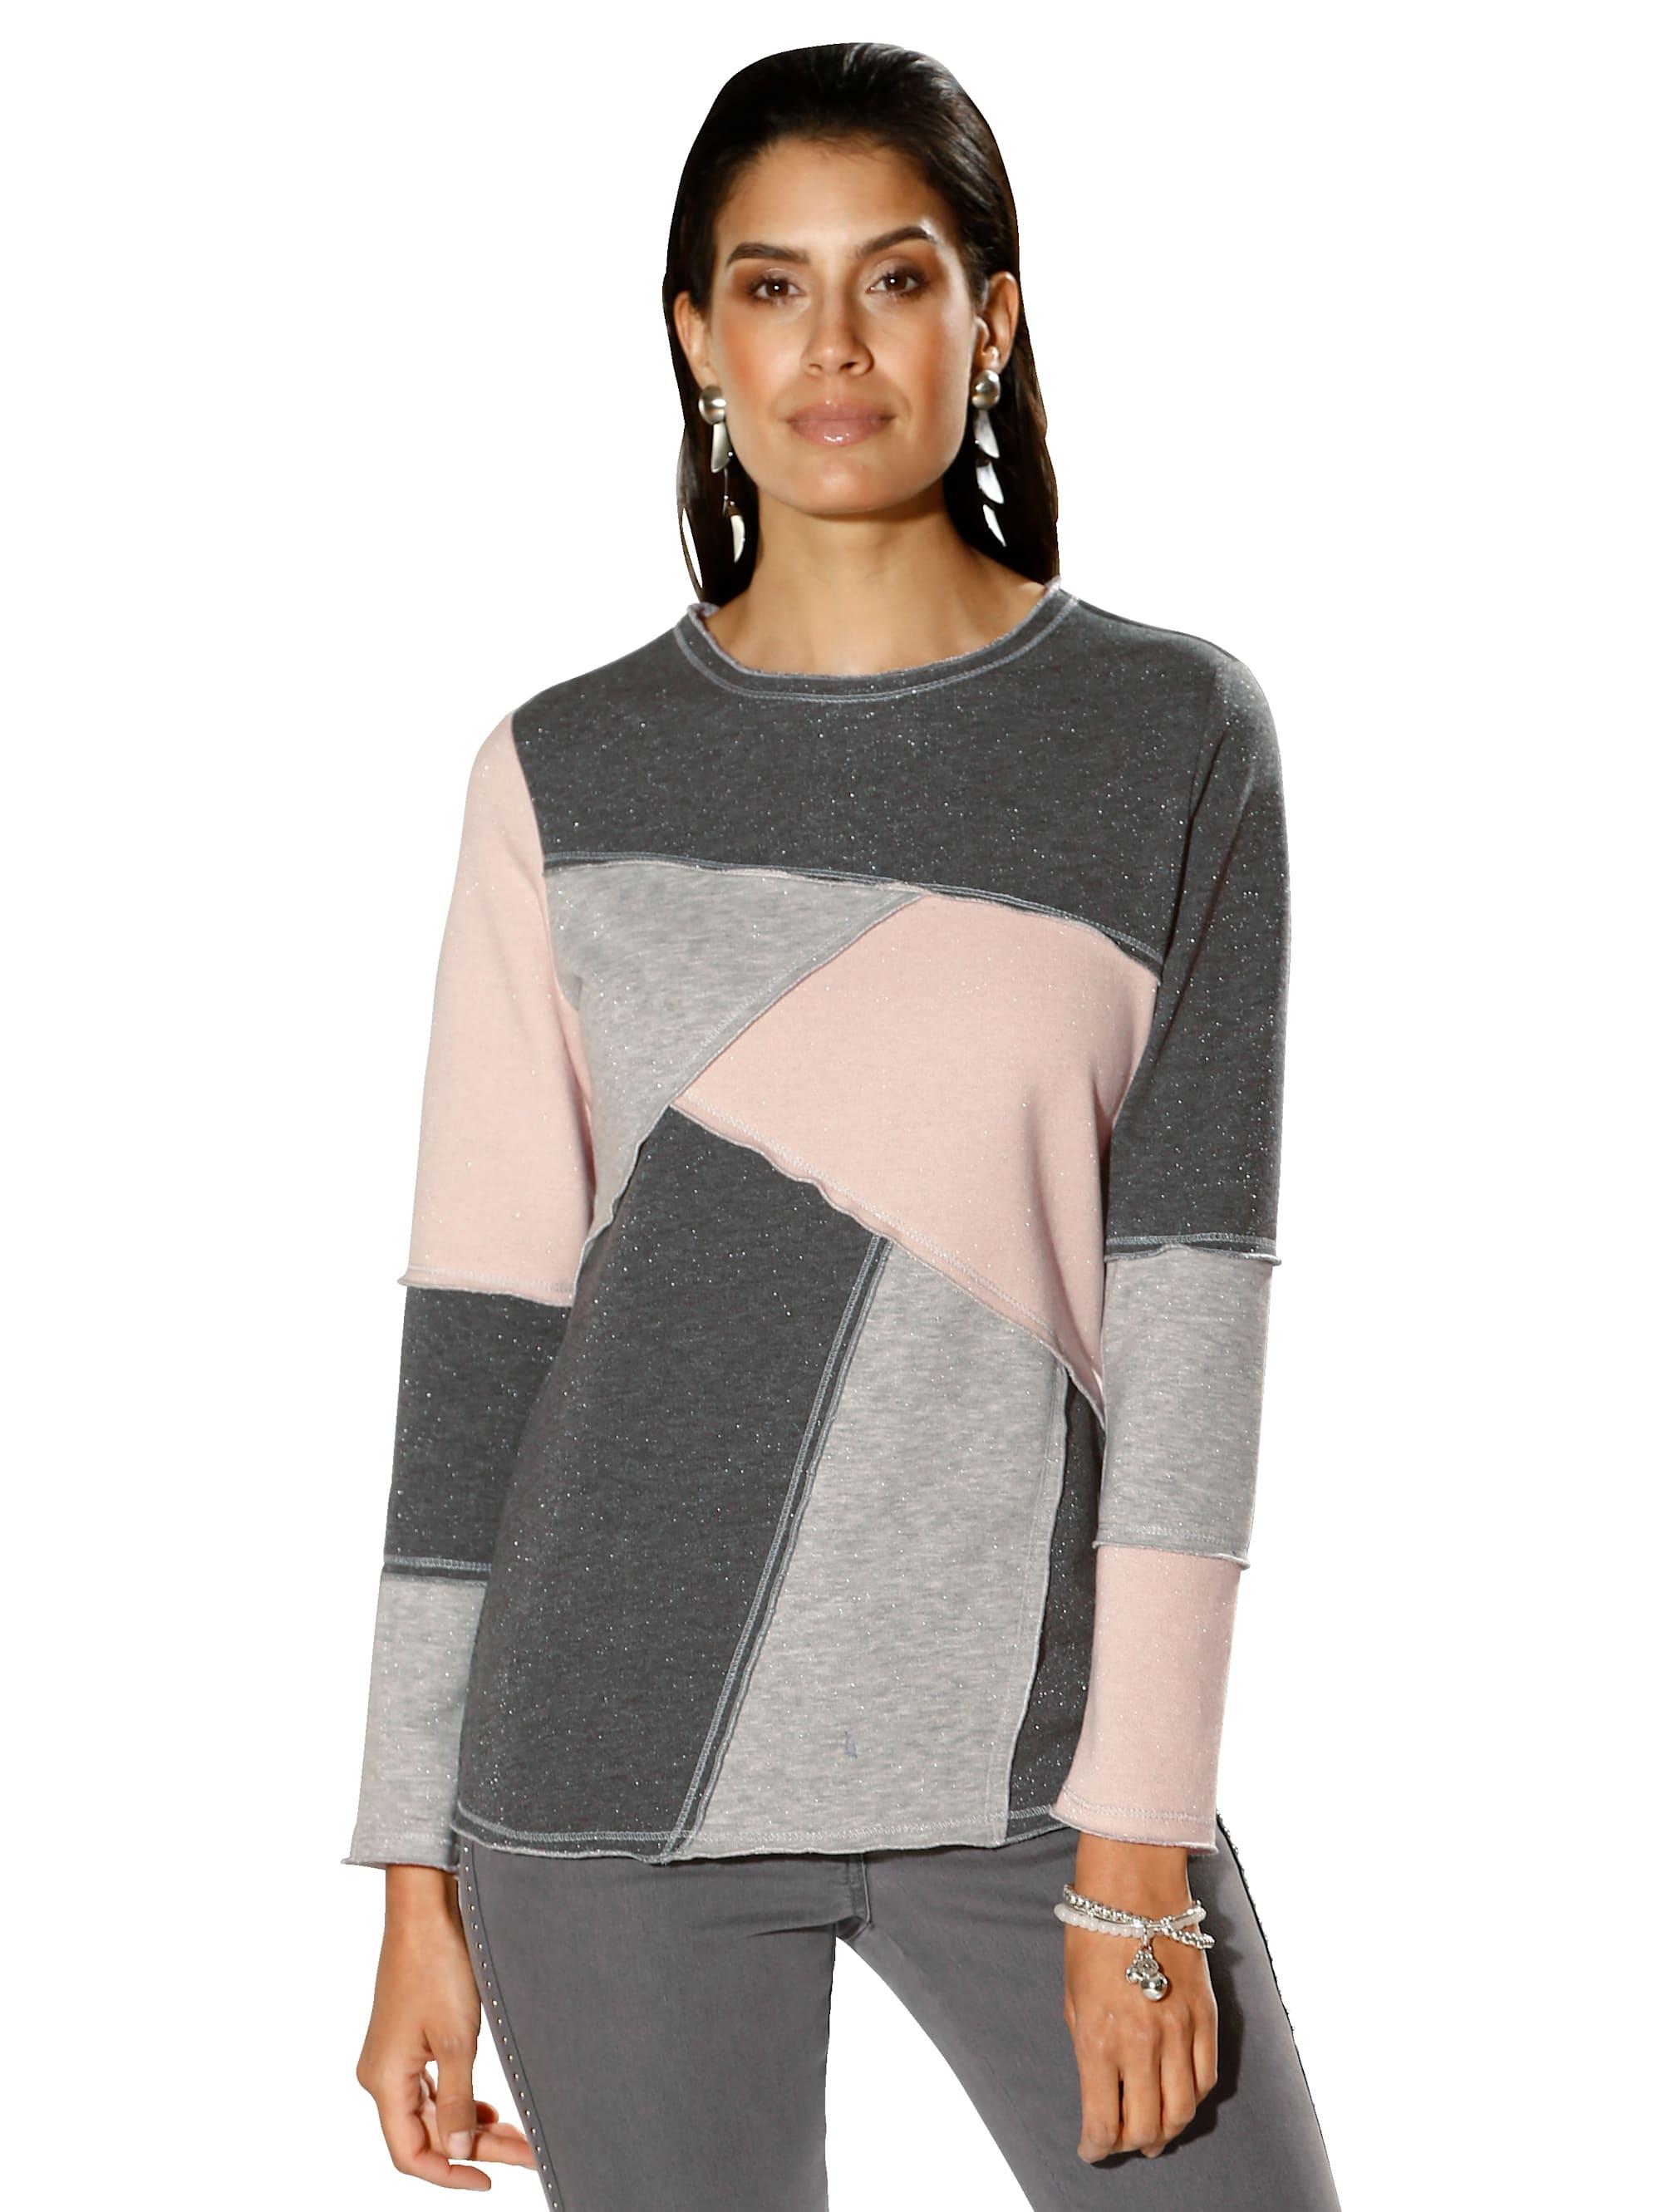 AMY VERMONT Sweatshirt mit metallisiertem Garn QEcjJ dwCpN